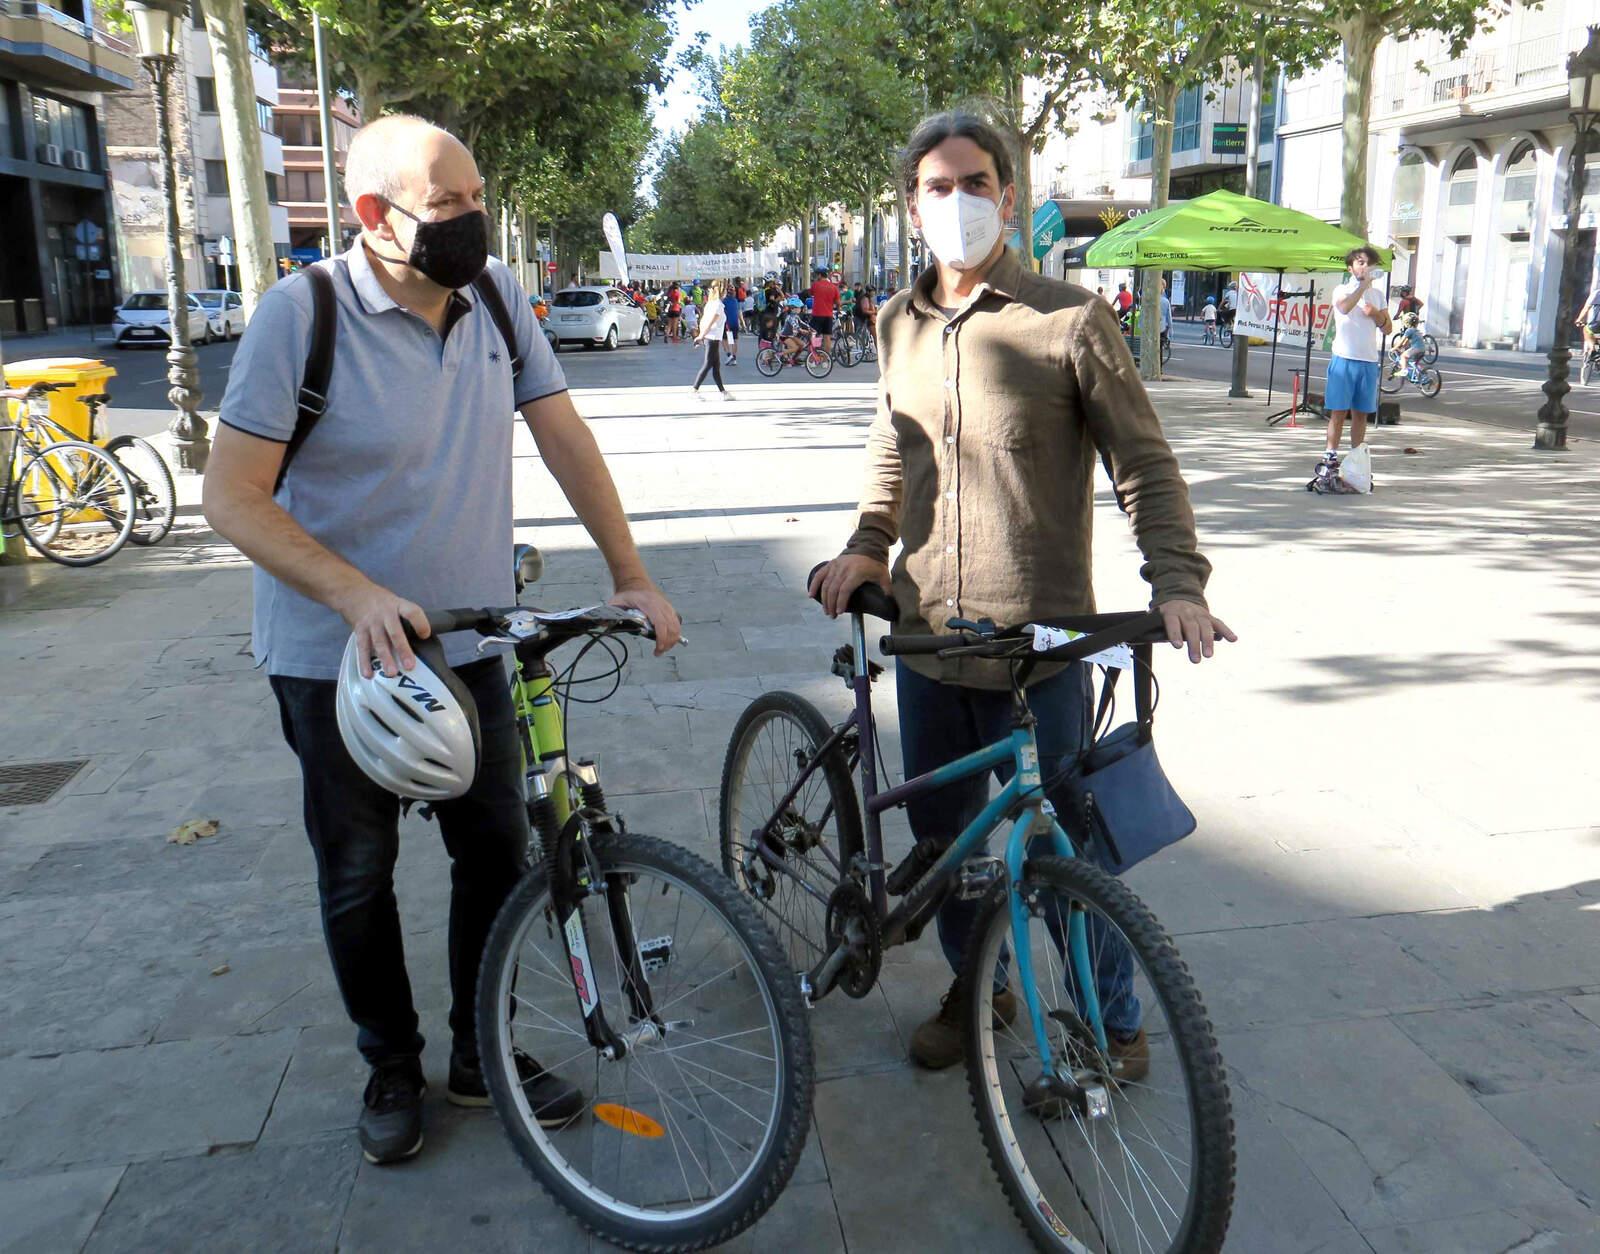 Els regidors Jaume Rutllant i Sergi Talamonte, a la Pedalada popular a Lleida en motiu de la Setmana de la Mobilitat Sostenible